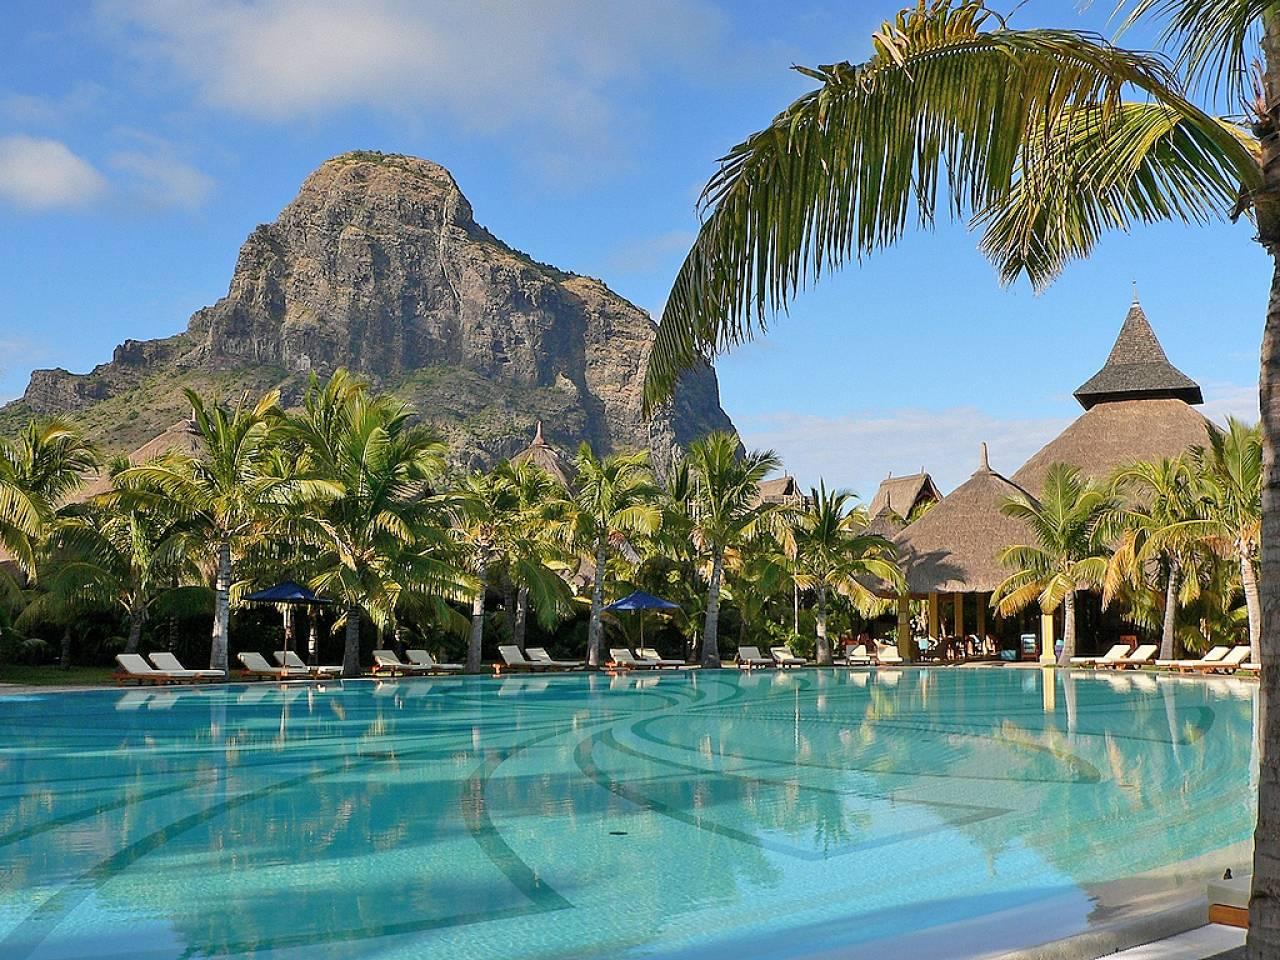 Экономим на отеле: 6 хитростей от опытных туристов